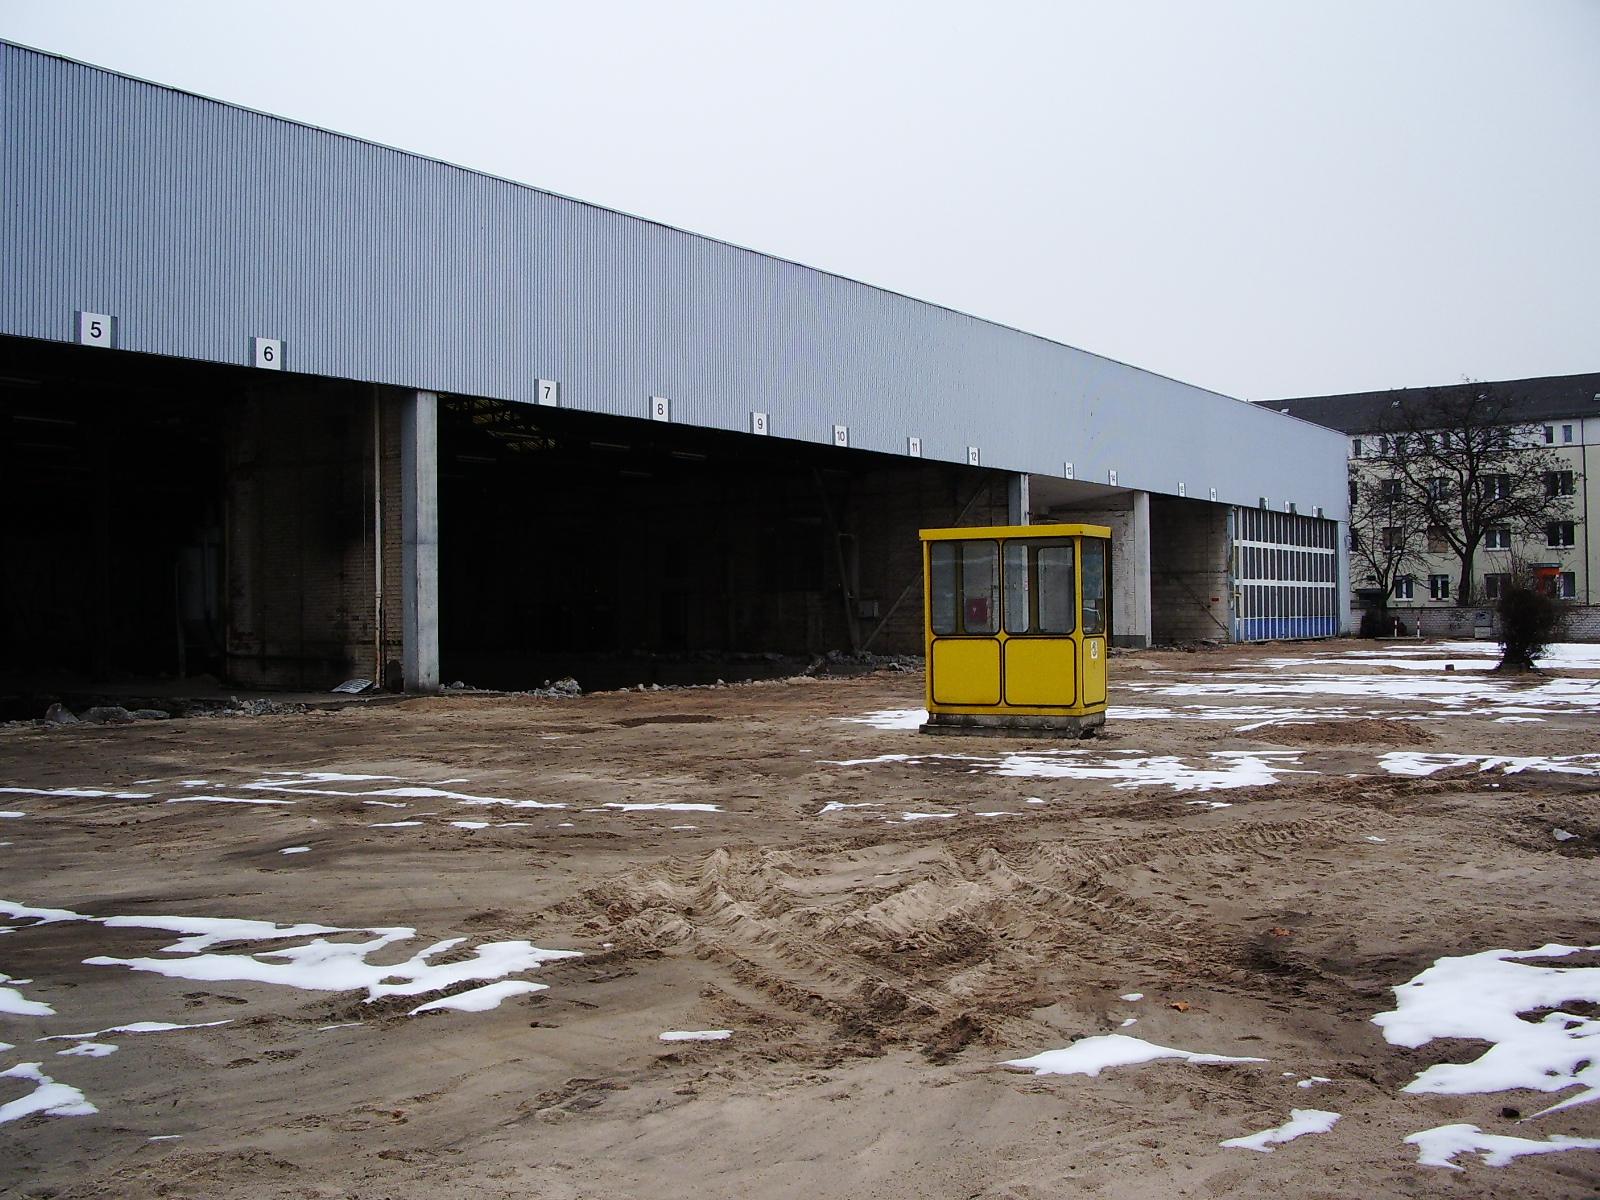 Depots Der Stra Enbahn Frankfurt Am Main